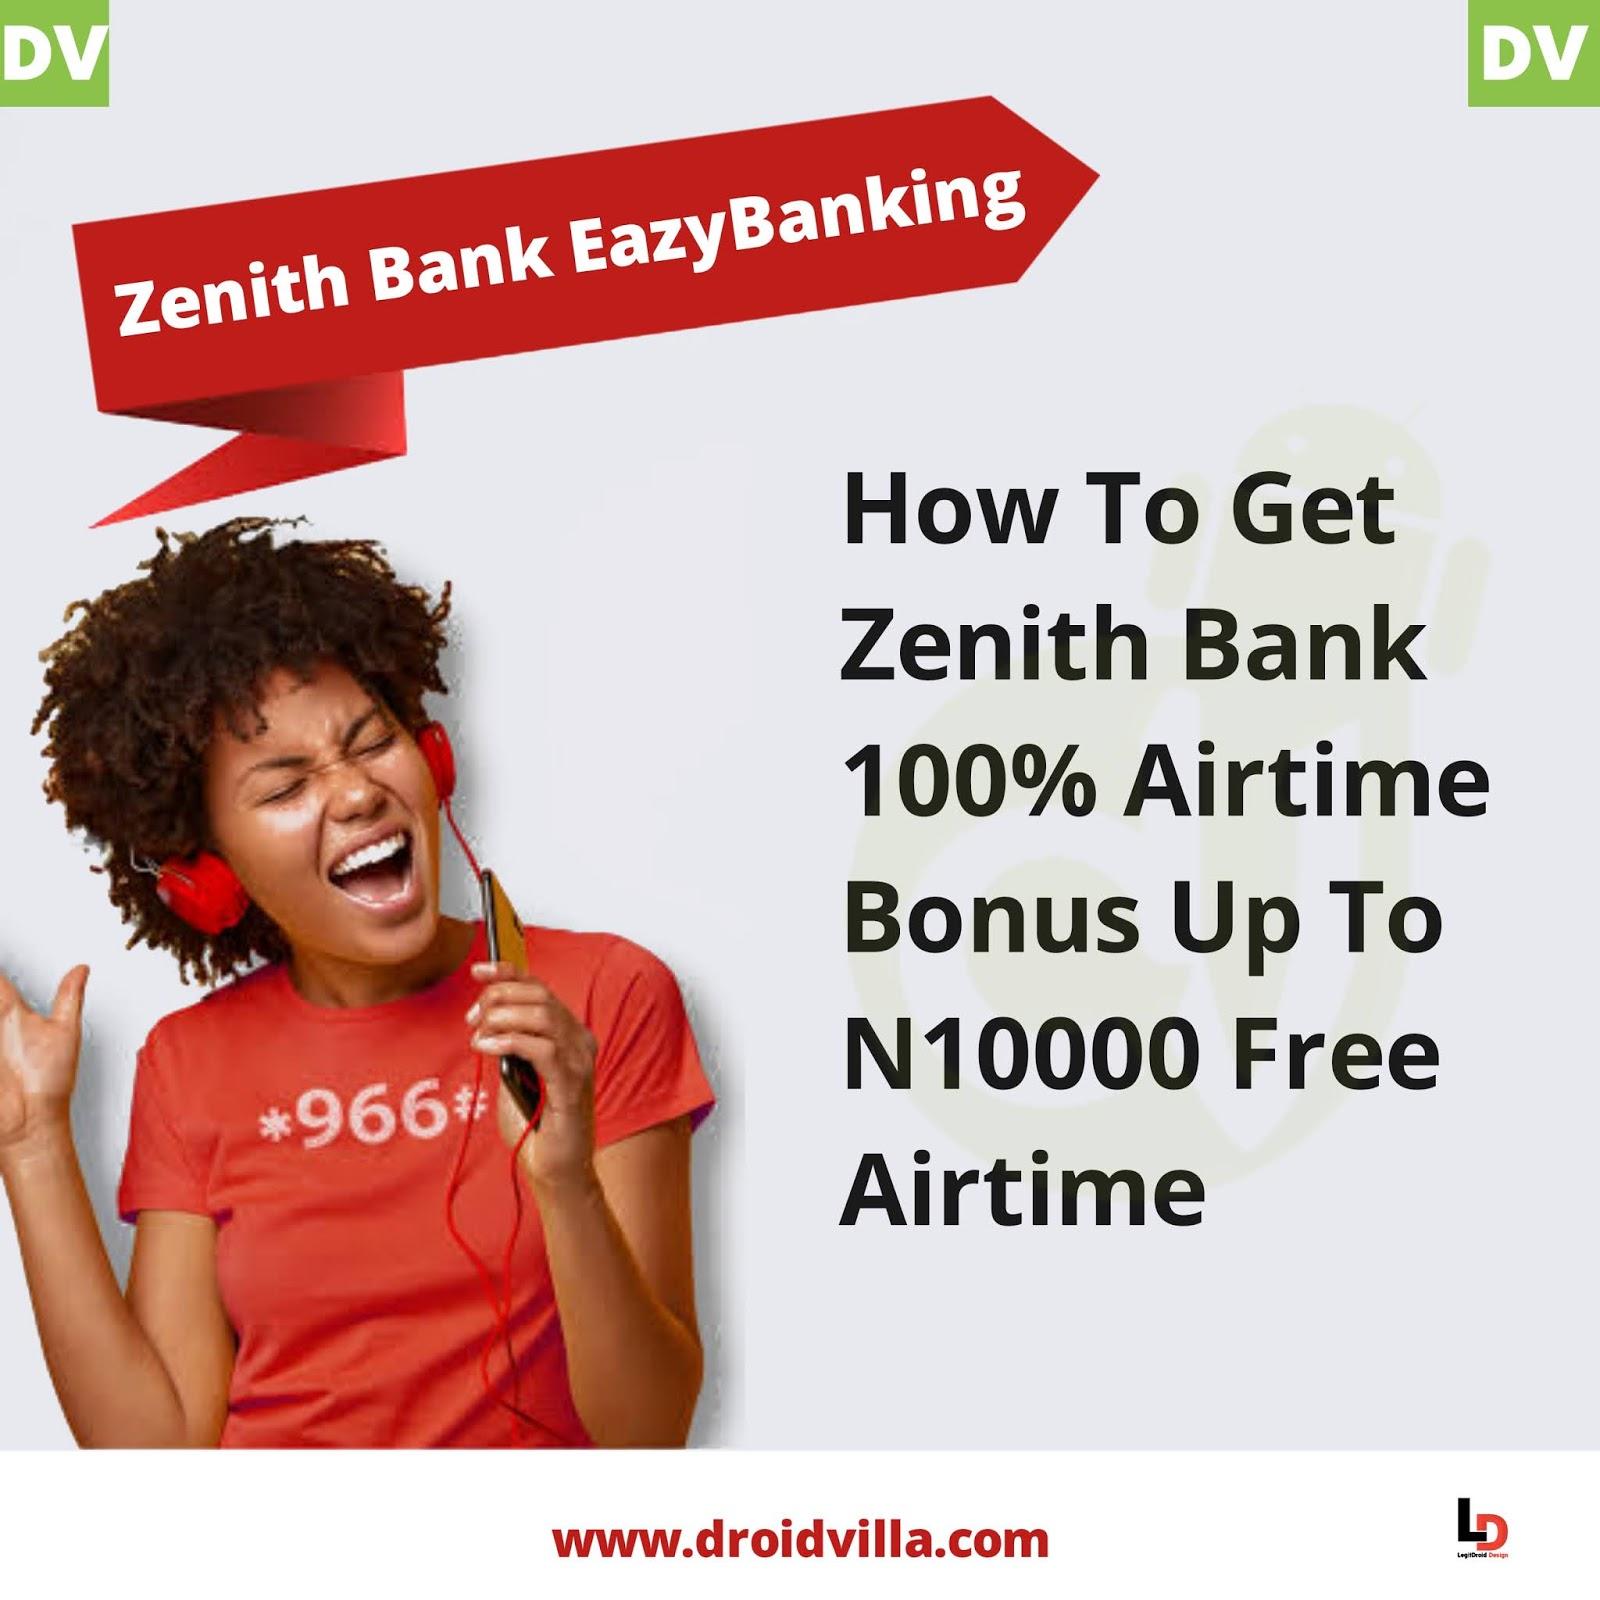 Zenith bank 100% airtime